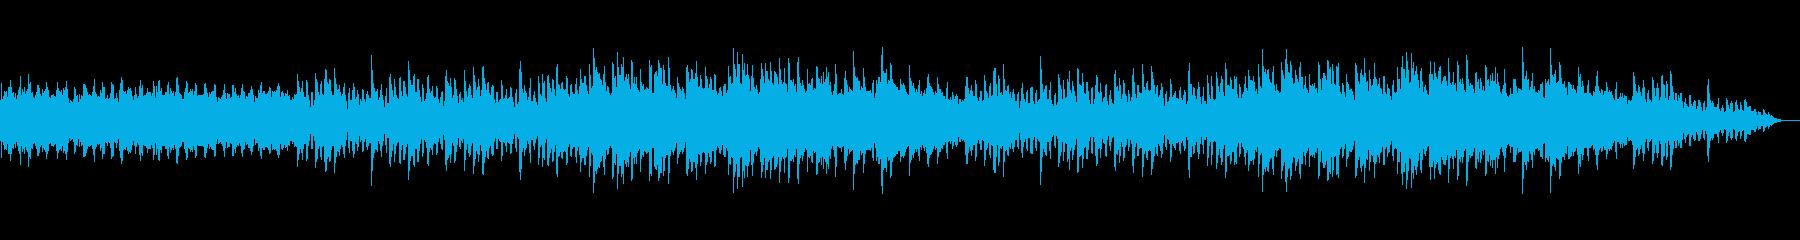 幻想的でキラキラしたクリスマスBGMの再生済みの波形